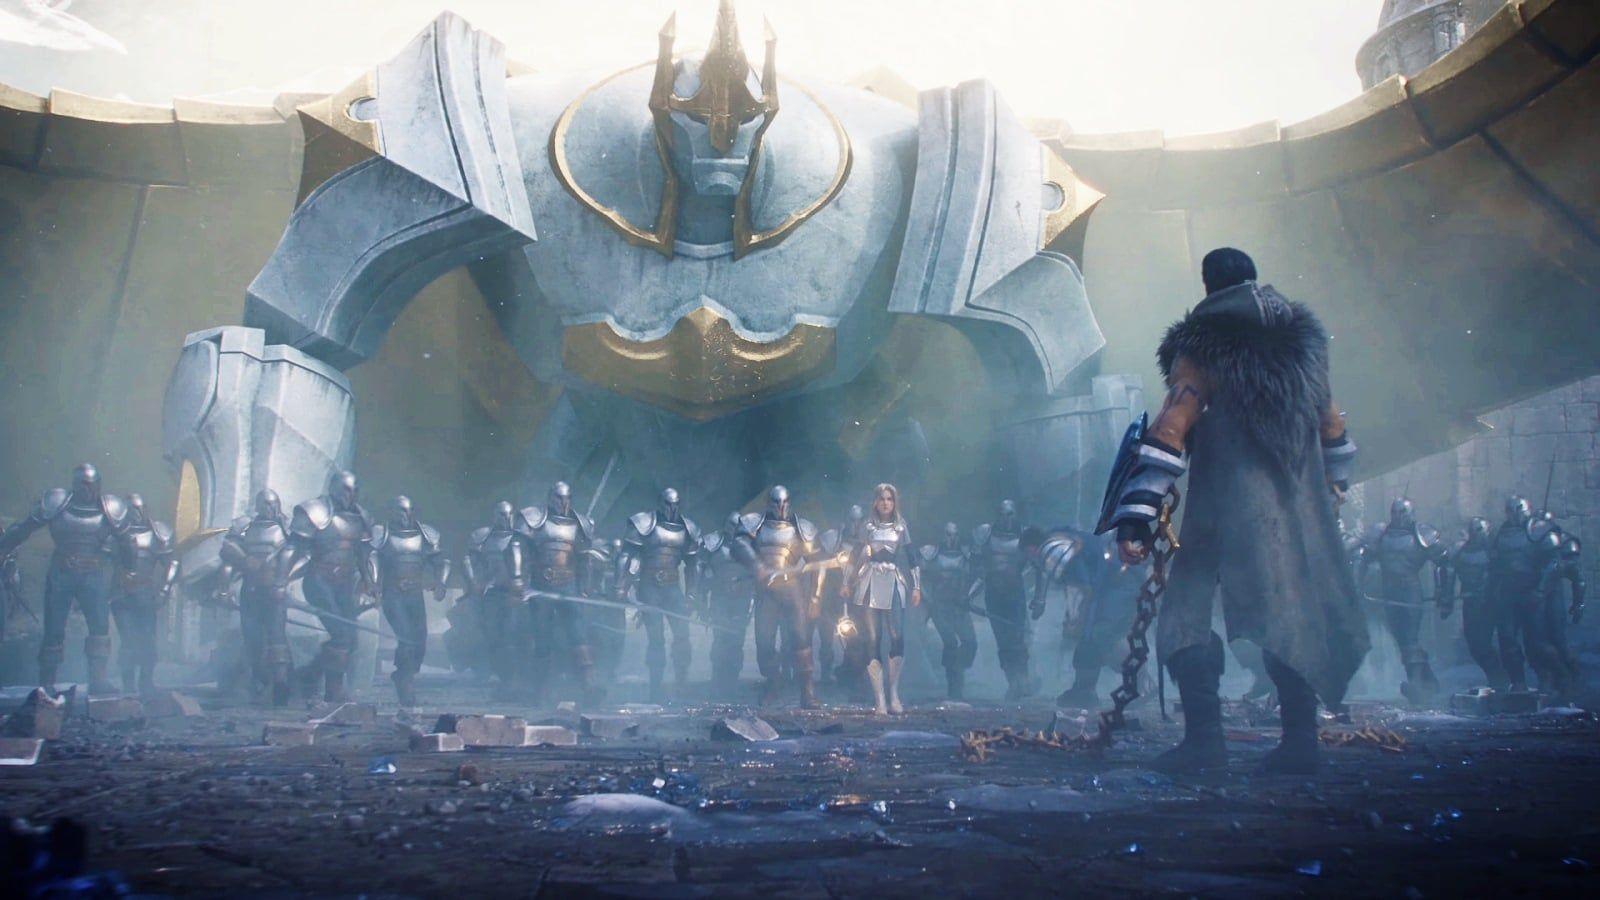 League Of Legends 2020 Warriors Cinematic Wallpapers L2pbomb In 2020 League Of Legends Warriors Wallpaper League Of Legends Poster